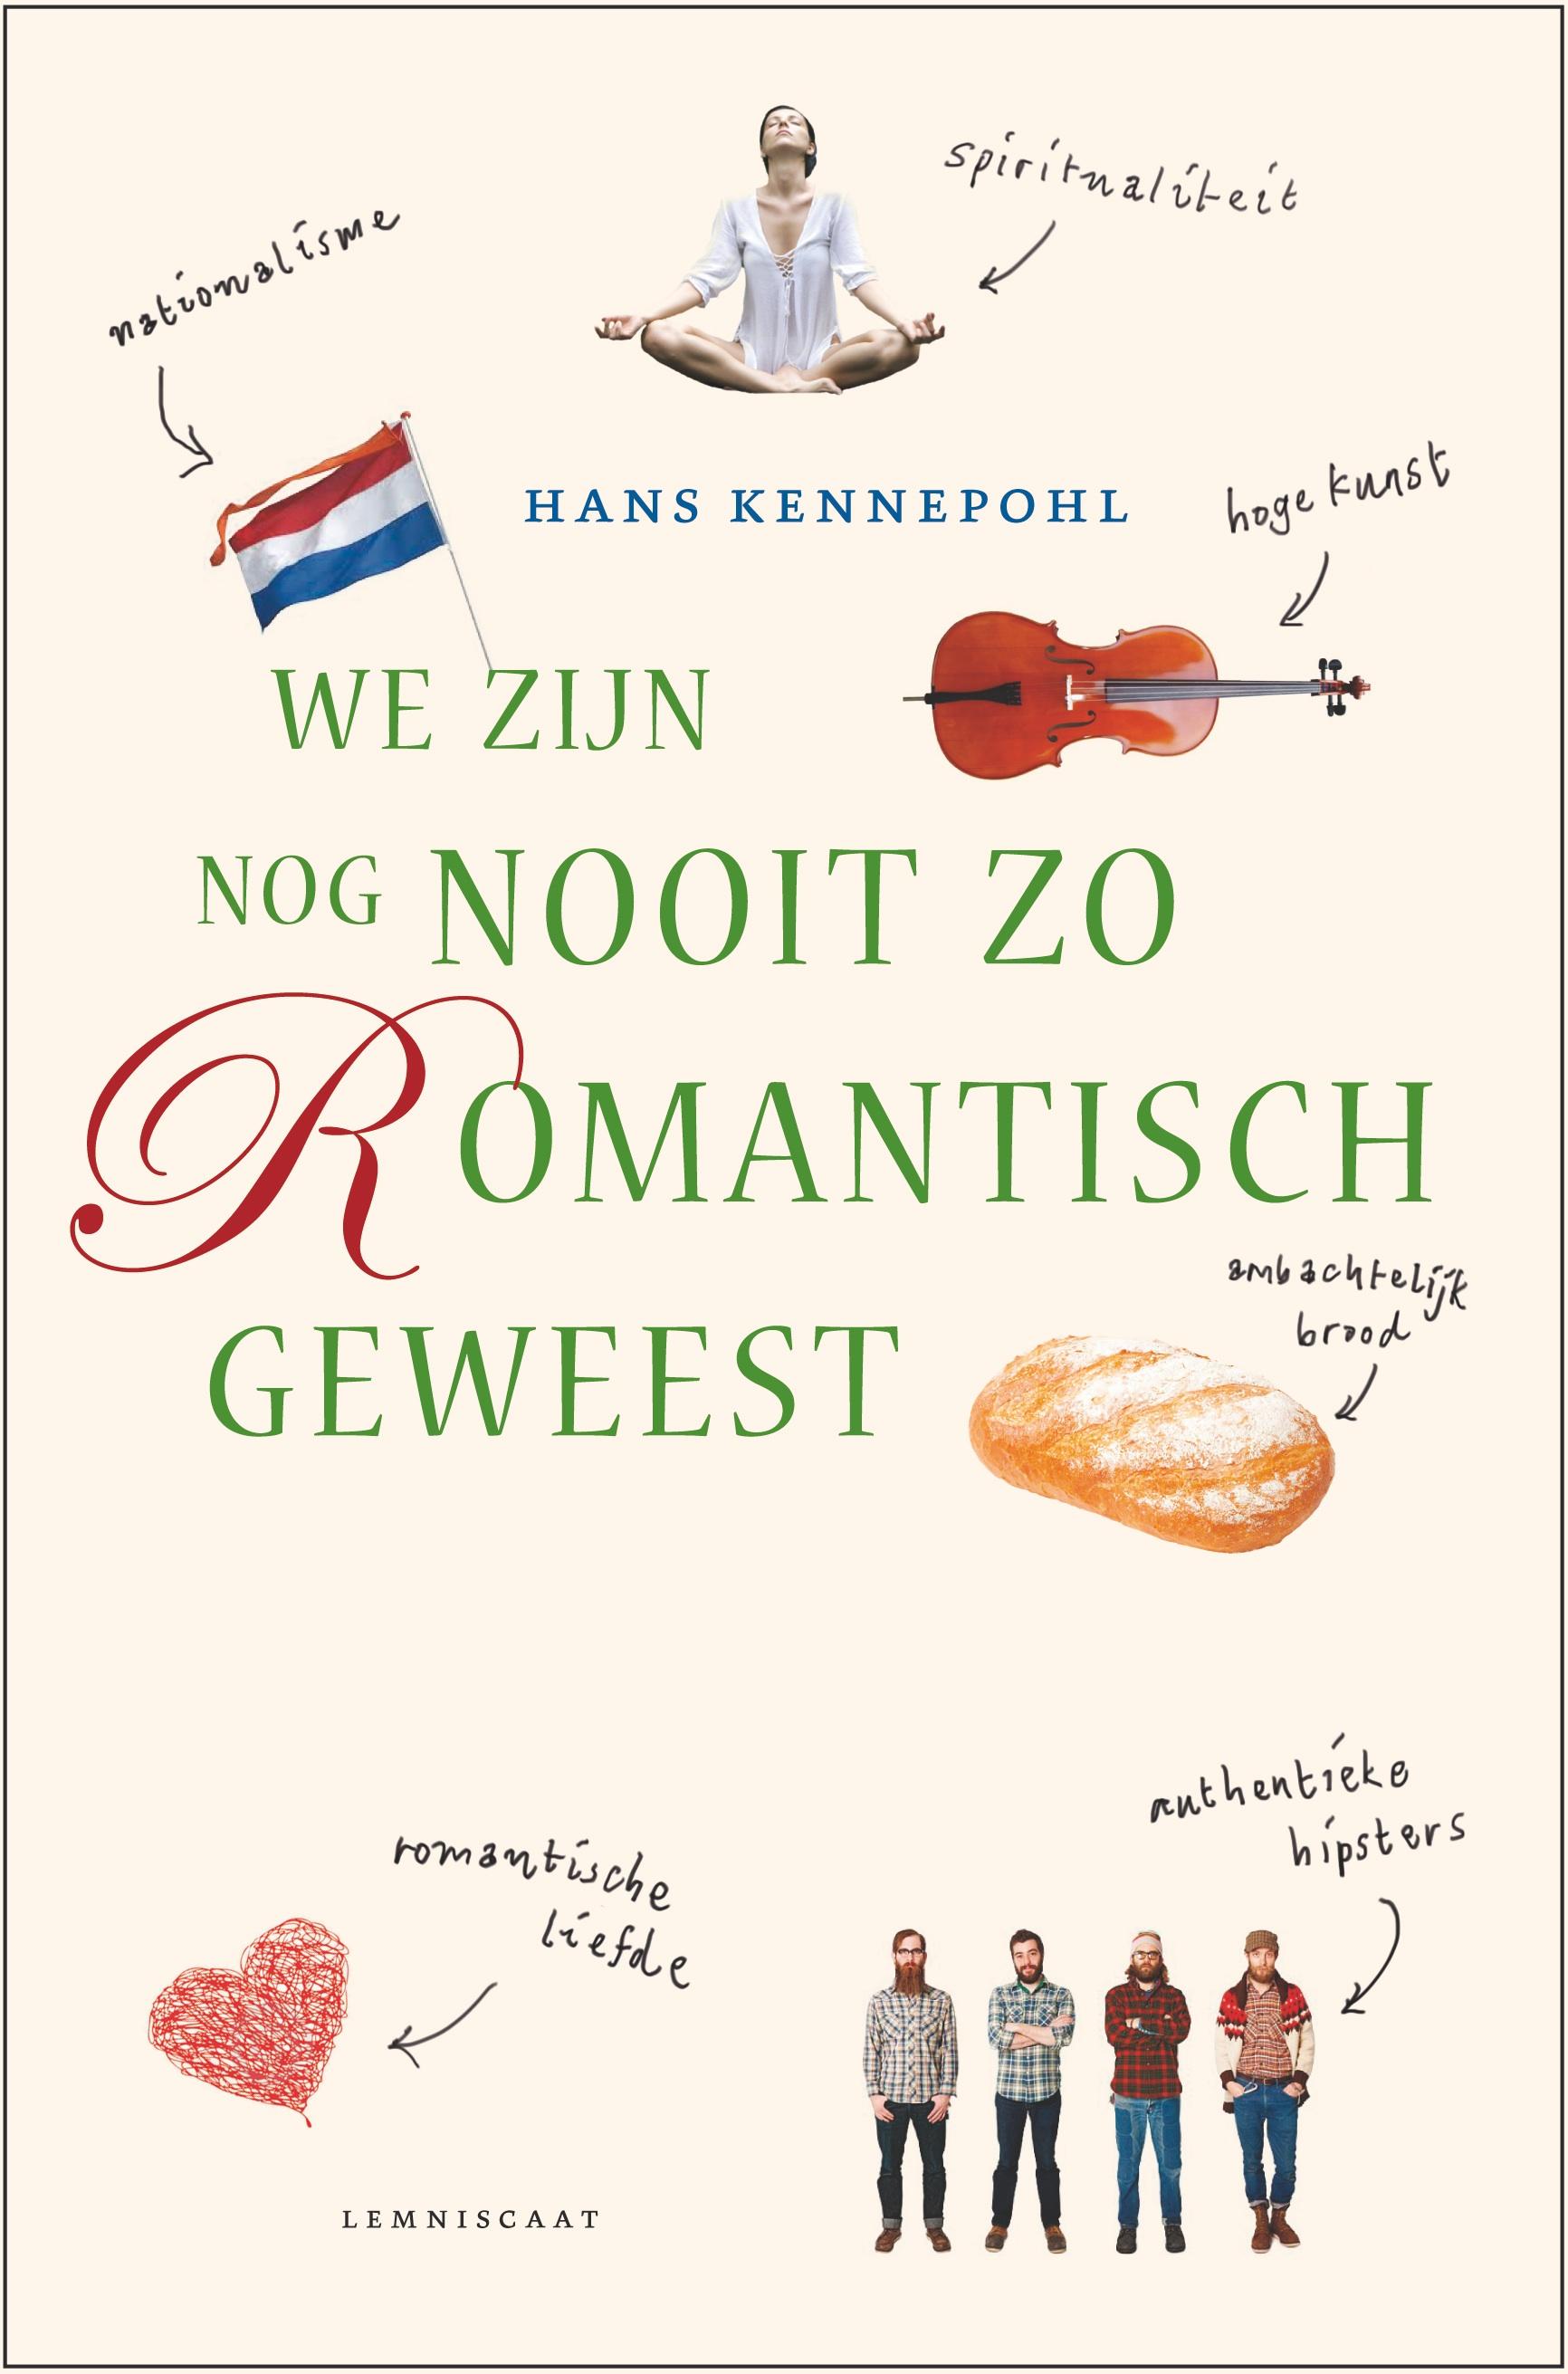 ISVW-iFilosofie #6 - Hans Kennepohl, We zijn nog nooit zo romantisch geweest